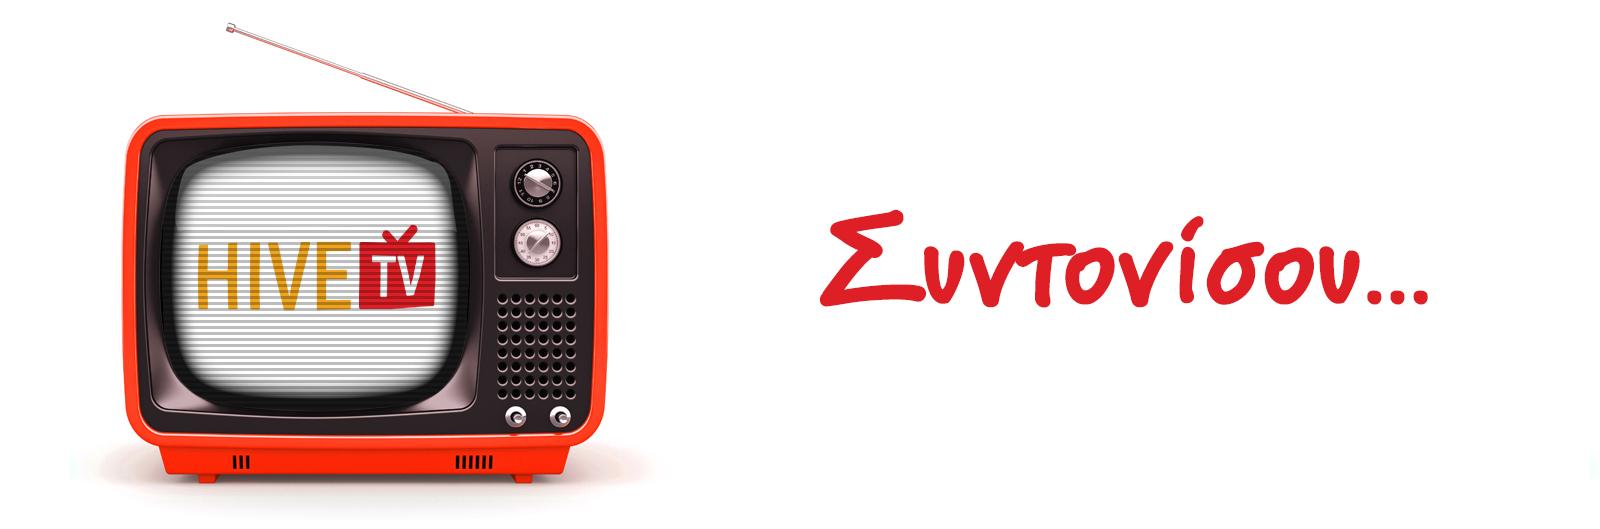 hivetv - HIVE TV